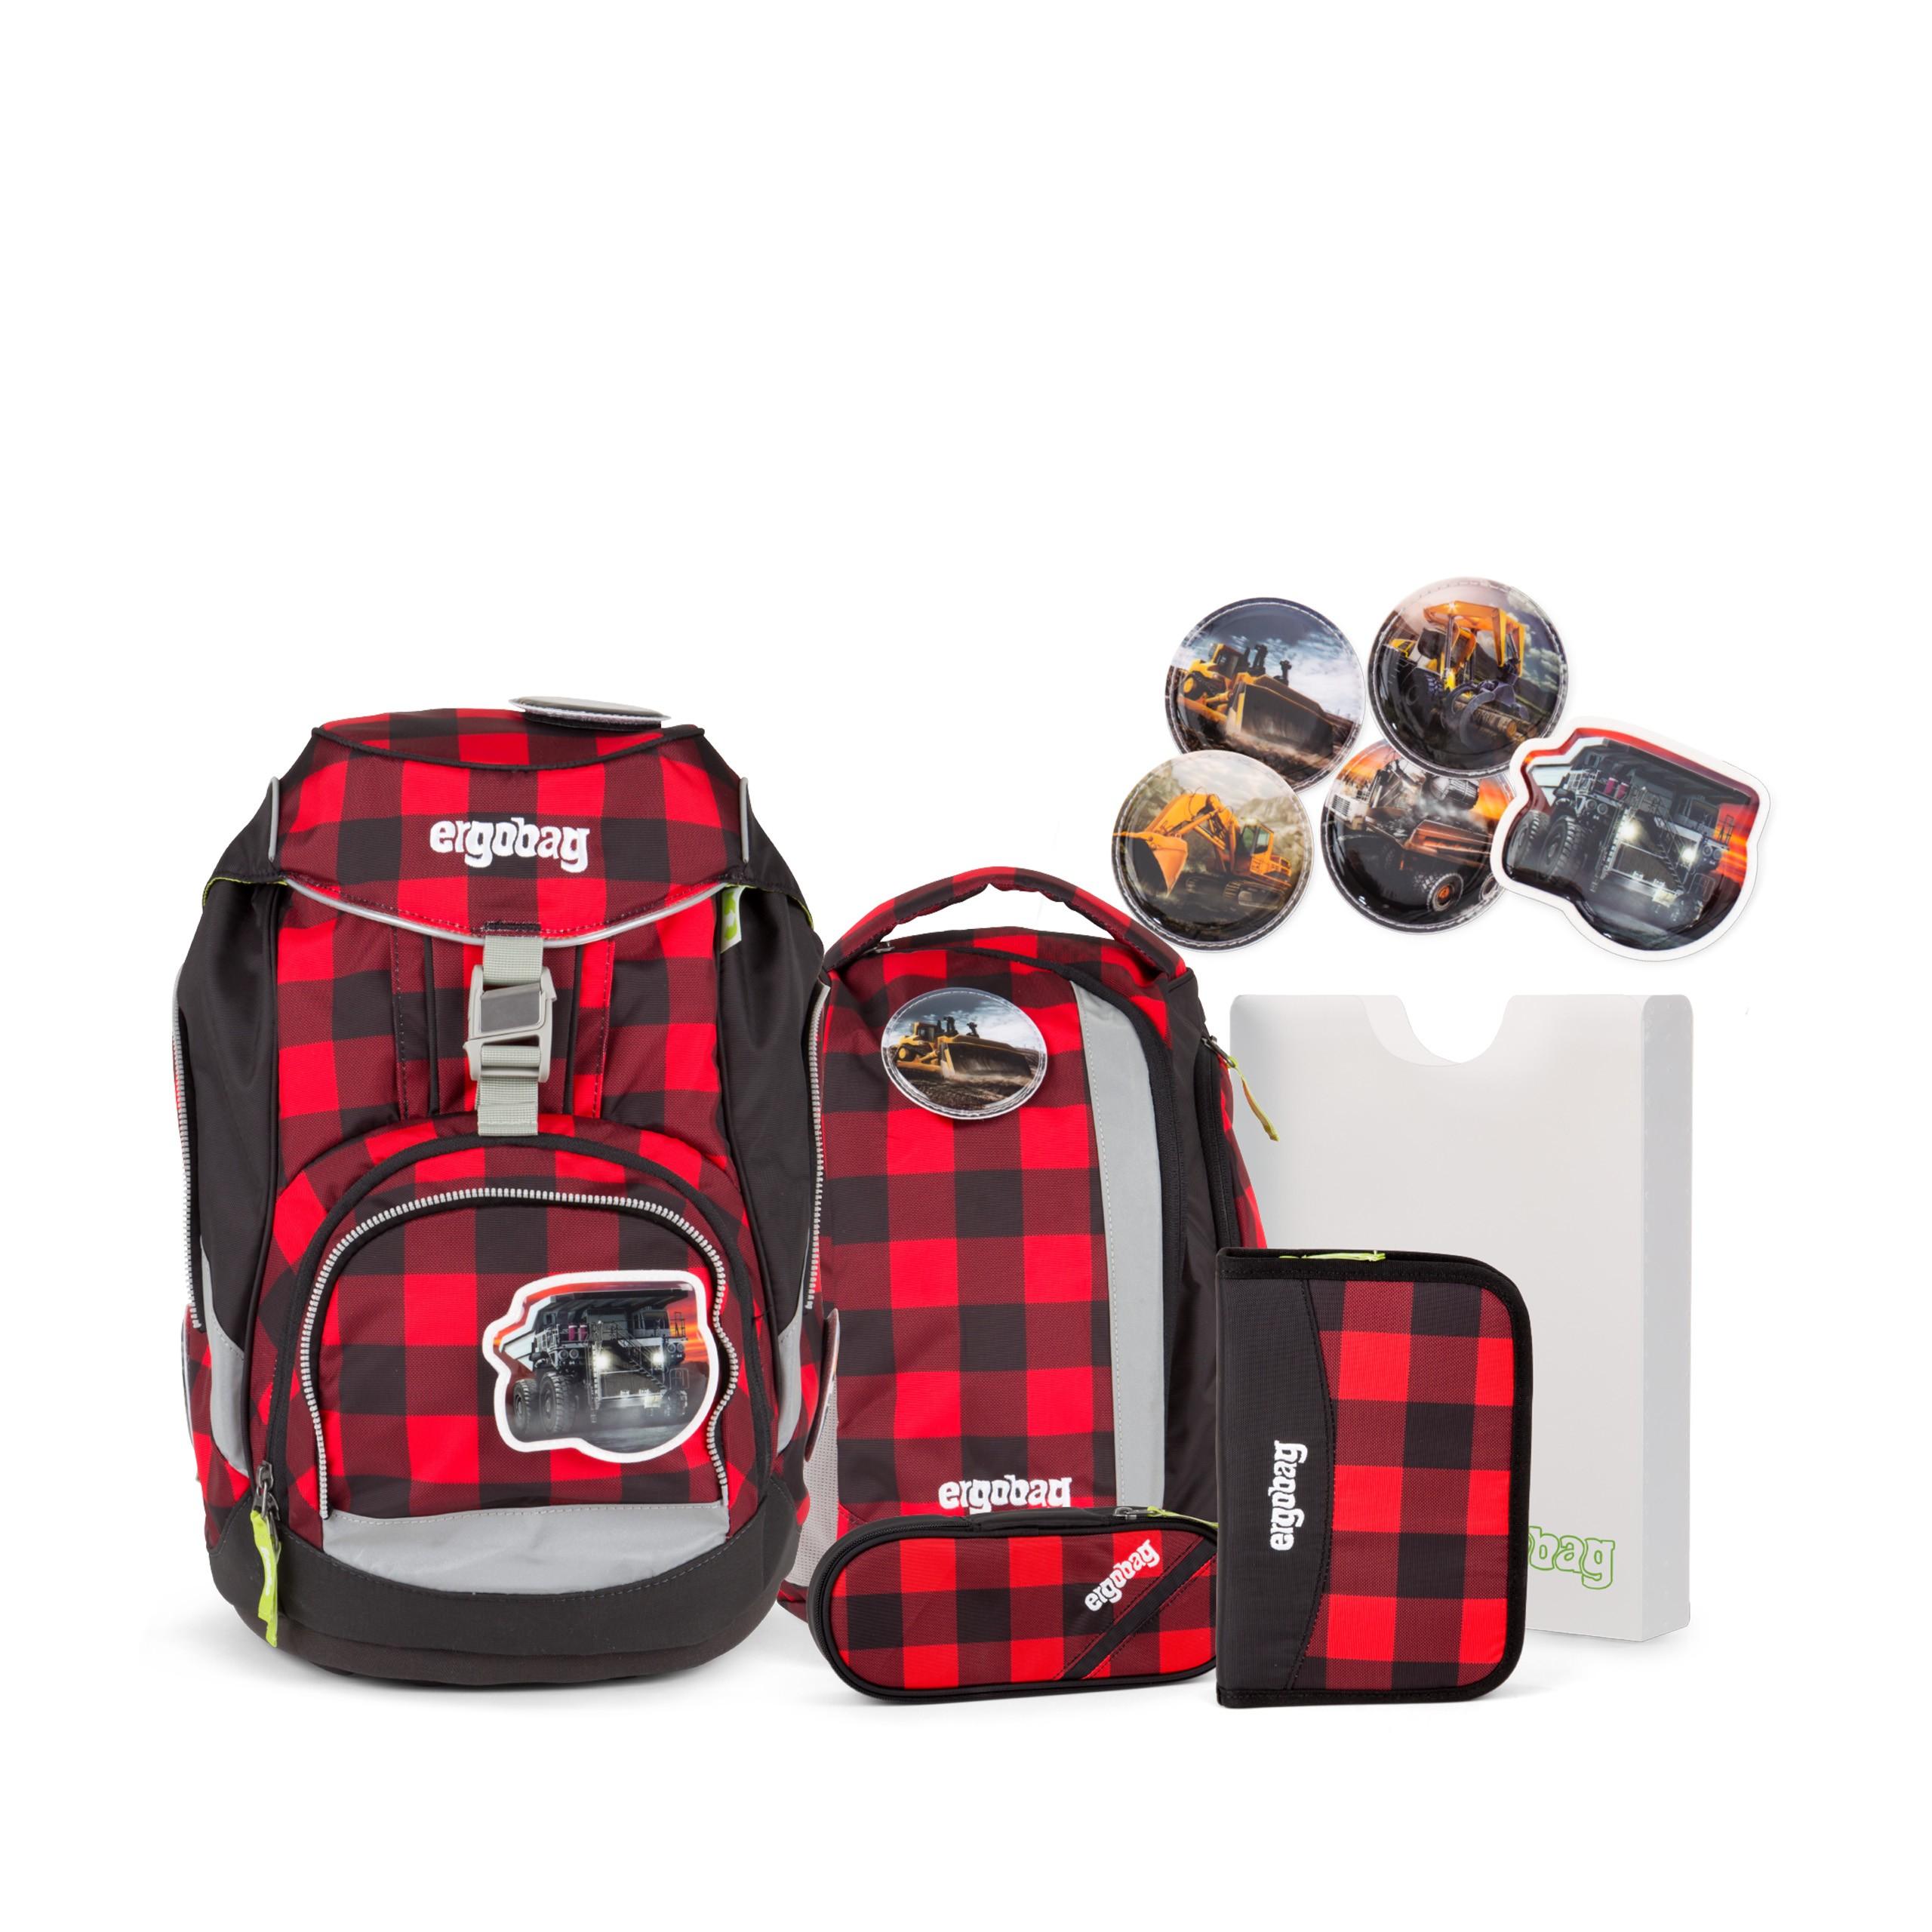 Рюкзак Ergobag LumBearjack с наполнением + светоотражатели в подарок, - фото 1